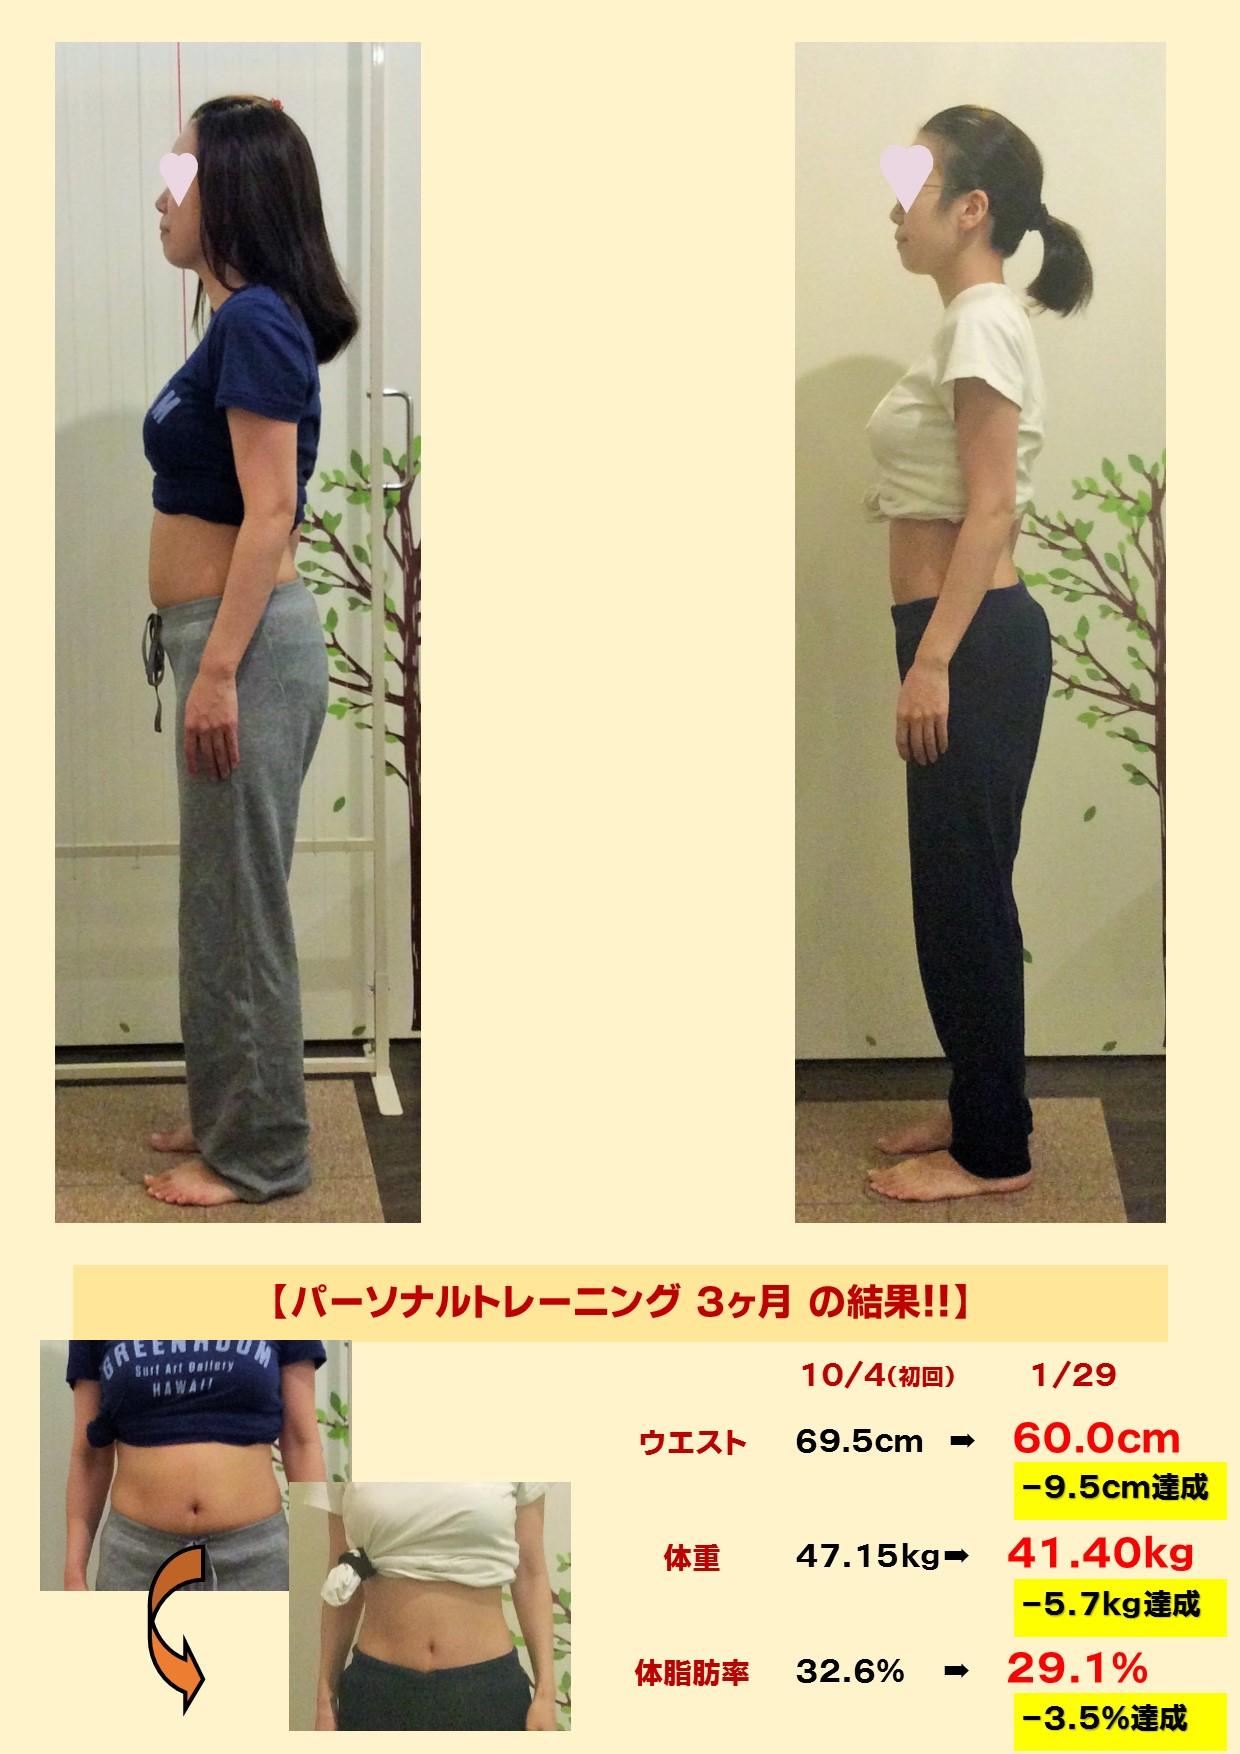 伊丹市にお住いの30代女性のパーソナルトレーニングによるダイエット結果